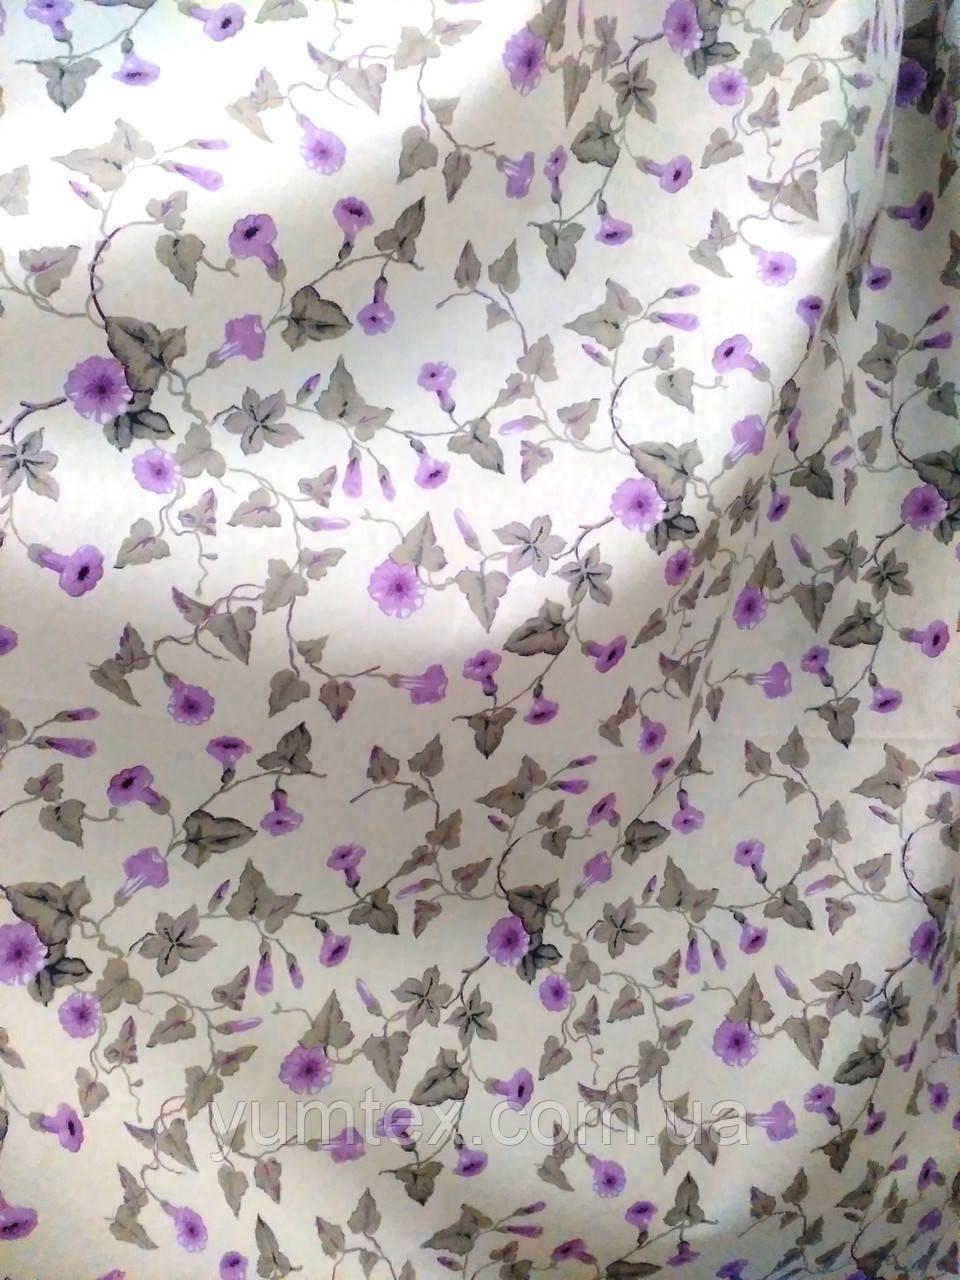 Ткань для штор, скатертей в стиле прованс, 50 % хлопок, колокольчики, цвет сирень